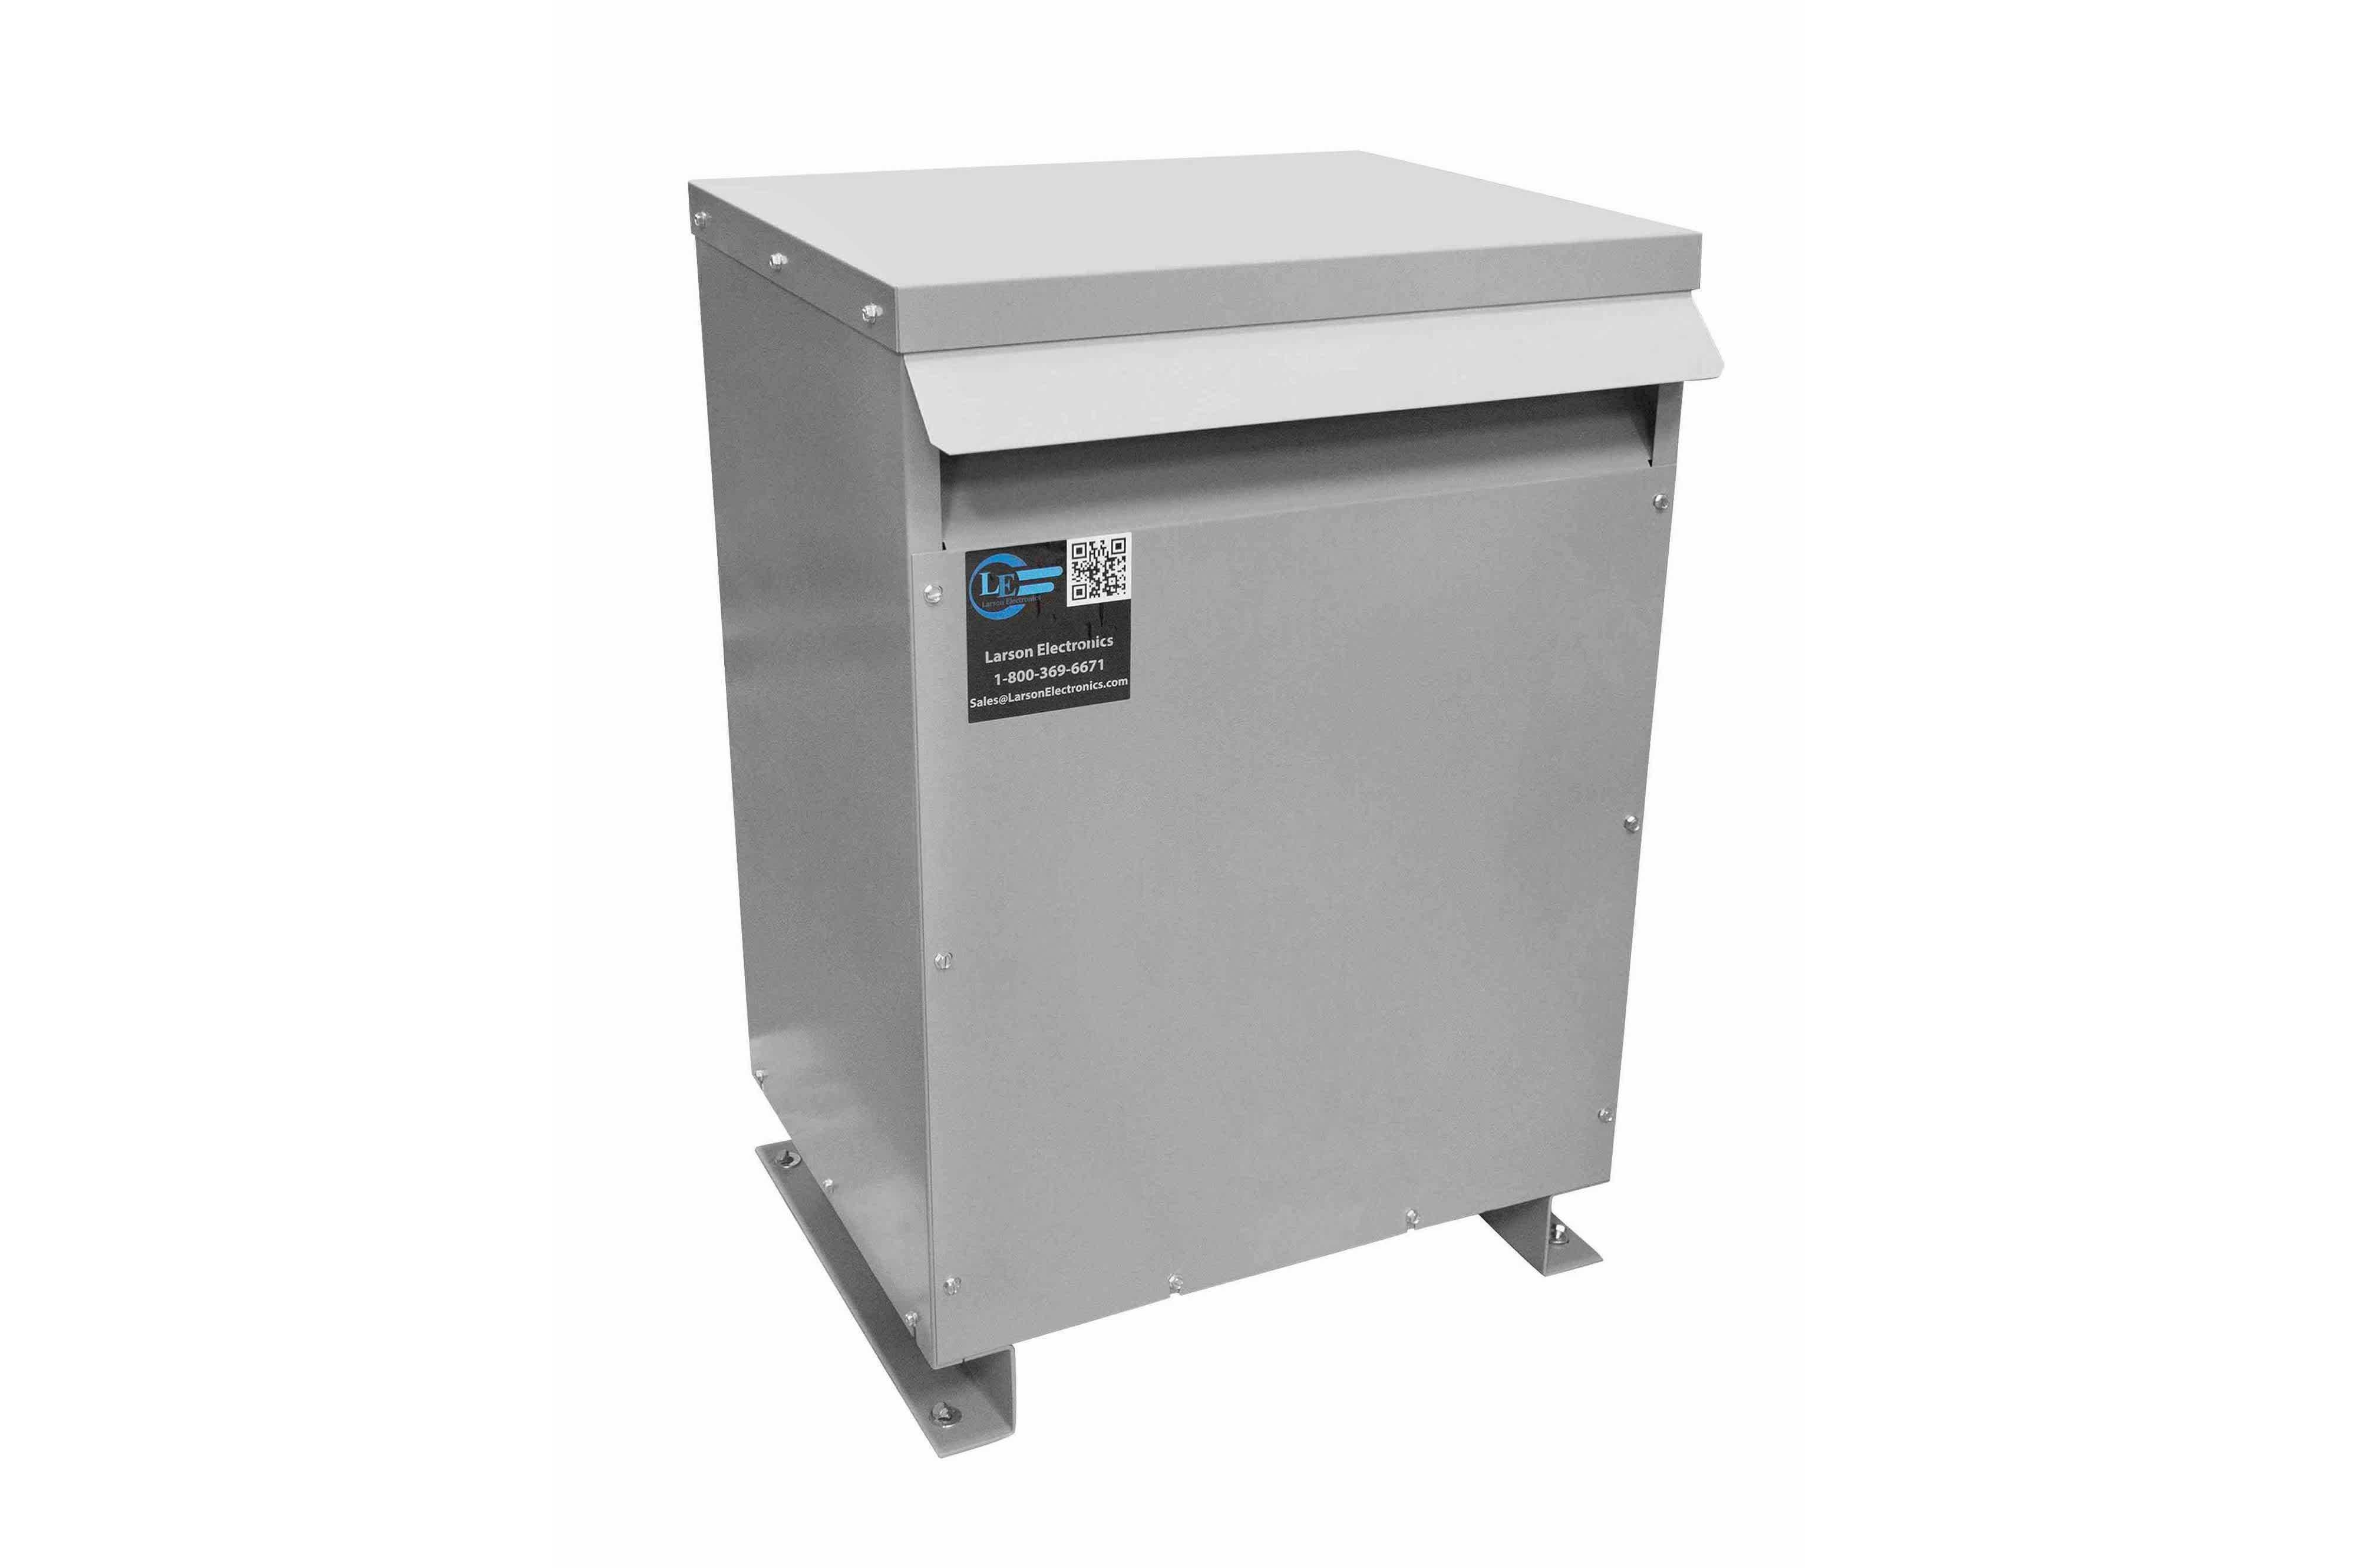 137.5 kVA 3PH Isolation Transformer, 480V Delta Primary, 380V Delta Secondary, N3R, Ventilated, 60 Hz